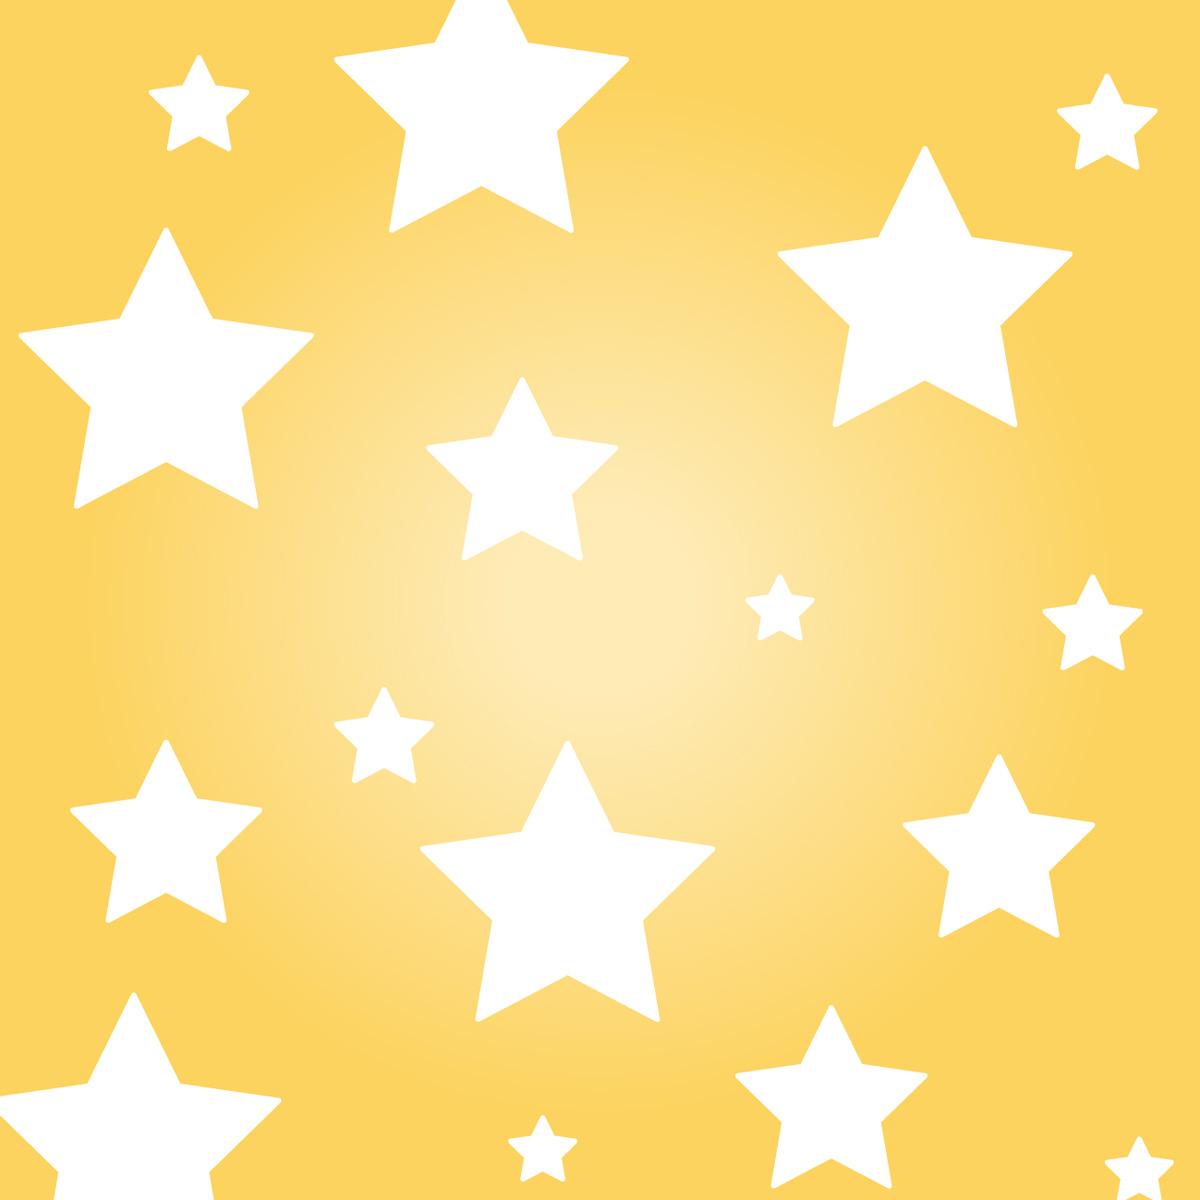 stickers meubles ikea stickers meubles ikea toiles sur jaune ambiance. Black Bedroom Furniture Sets. Home Design Ideas